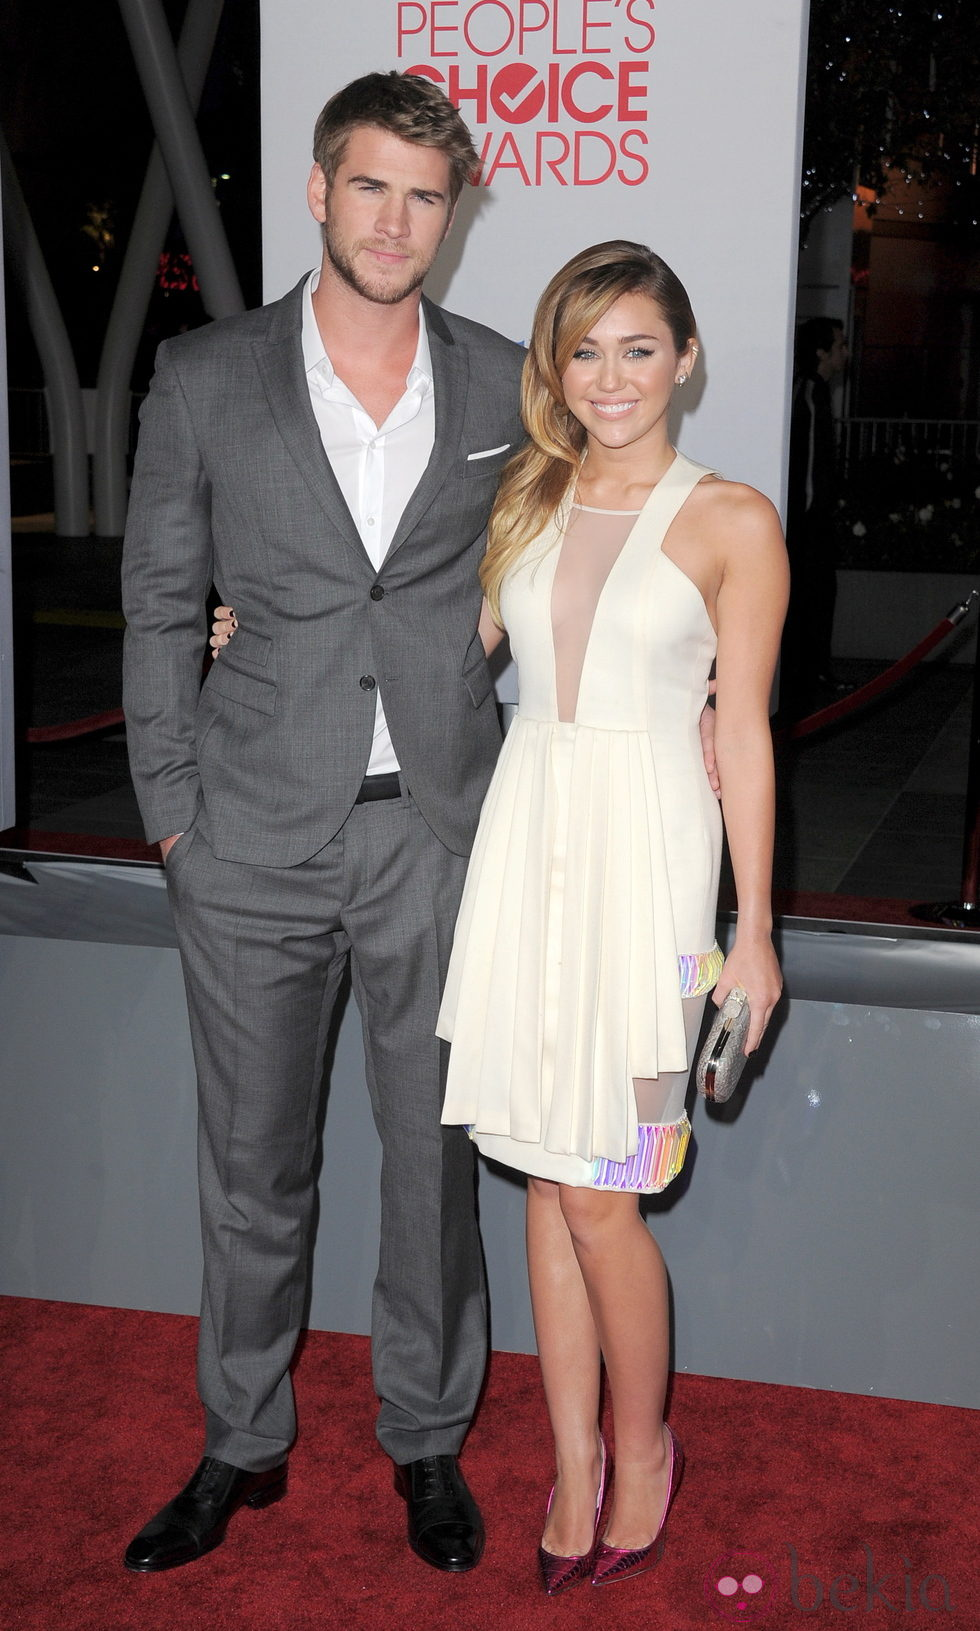 Liam Hemsworth y Miley Cyrus en los People's Choice Awards 2012